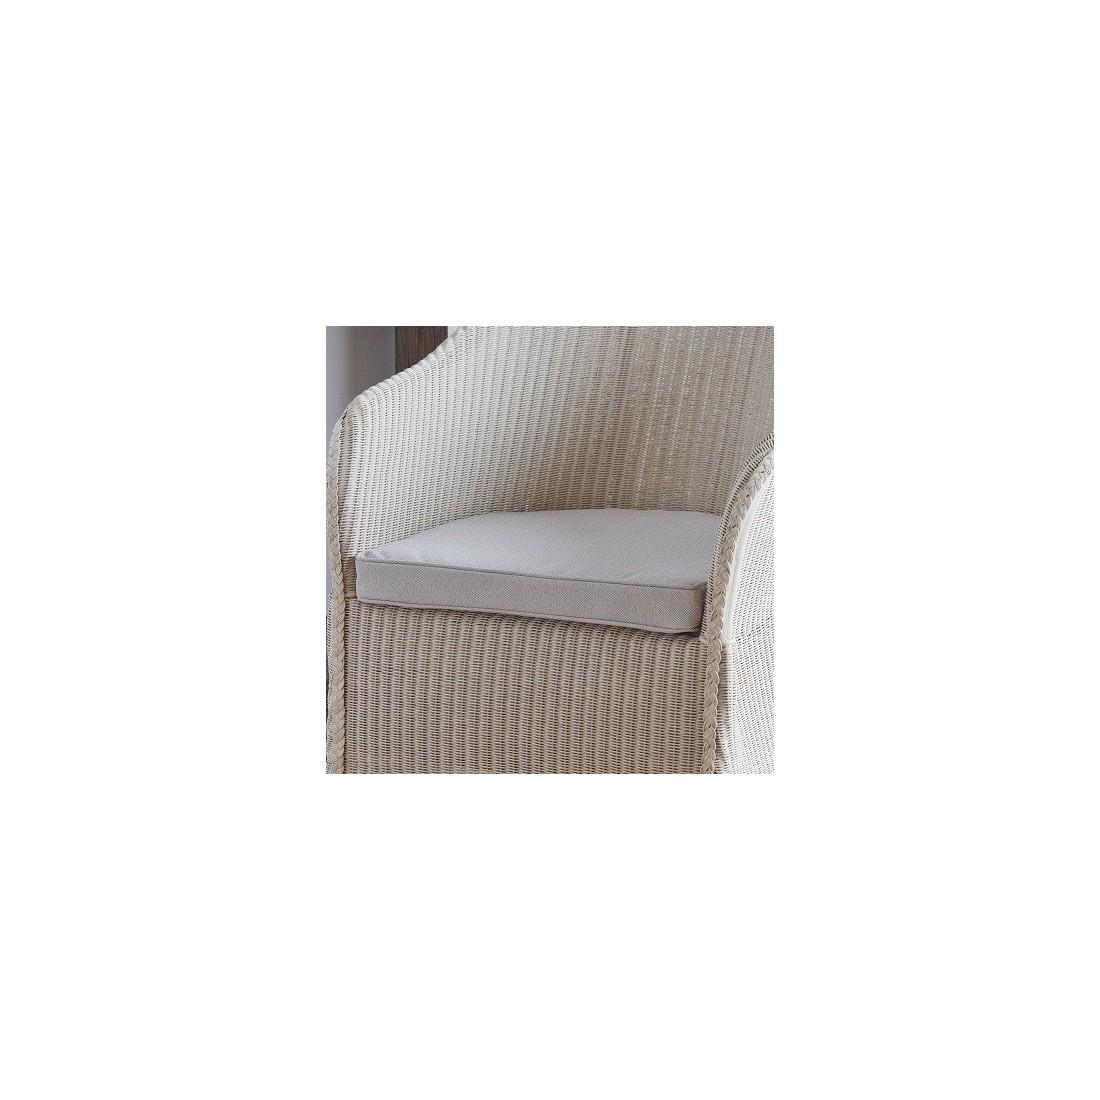 Coussin seul ou en option pour le fauteuil sidonie - Coussin pour fauteuil en rotin ou osier ...